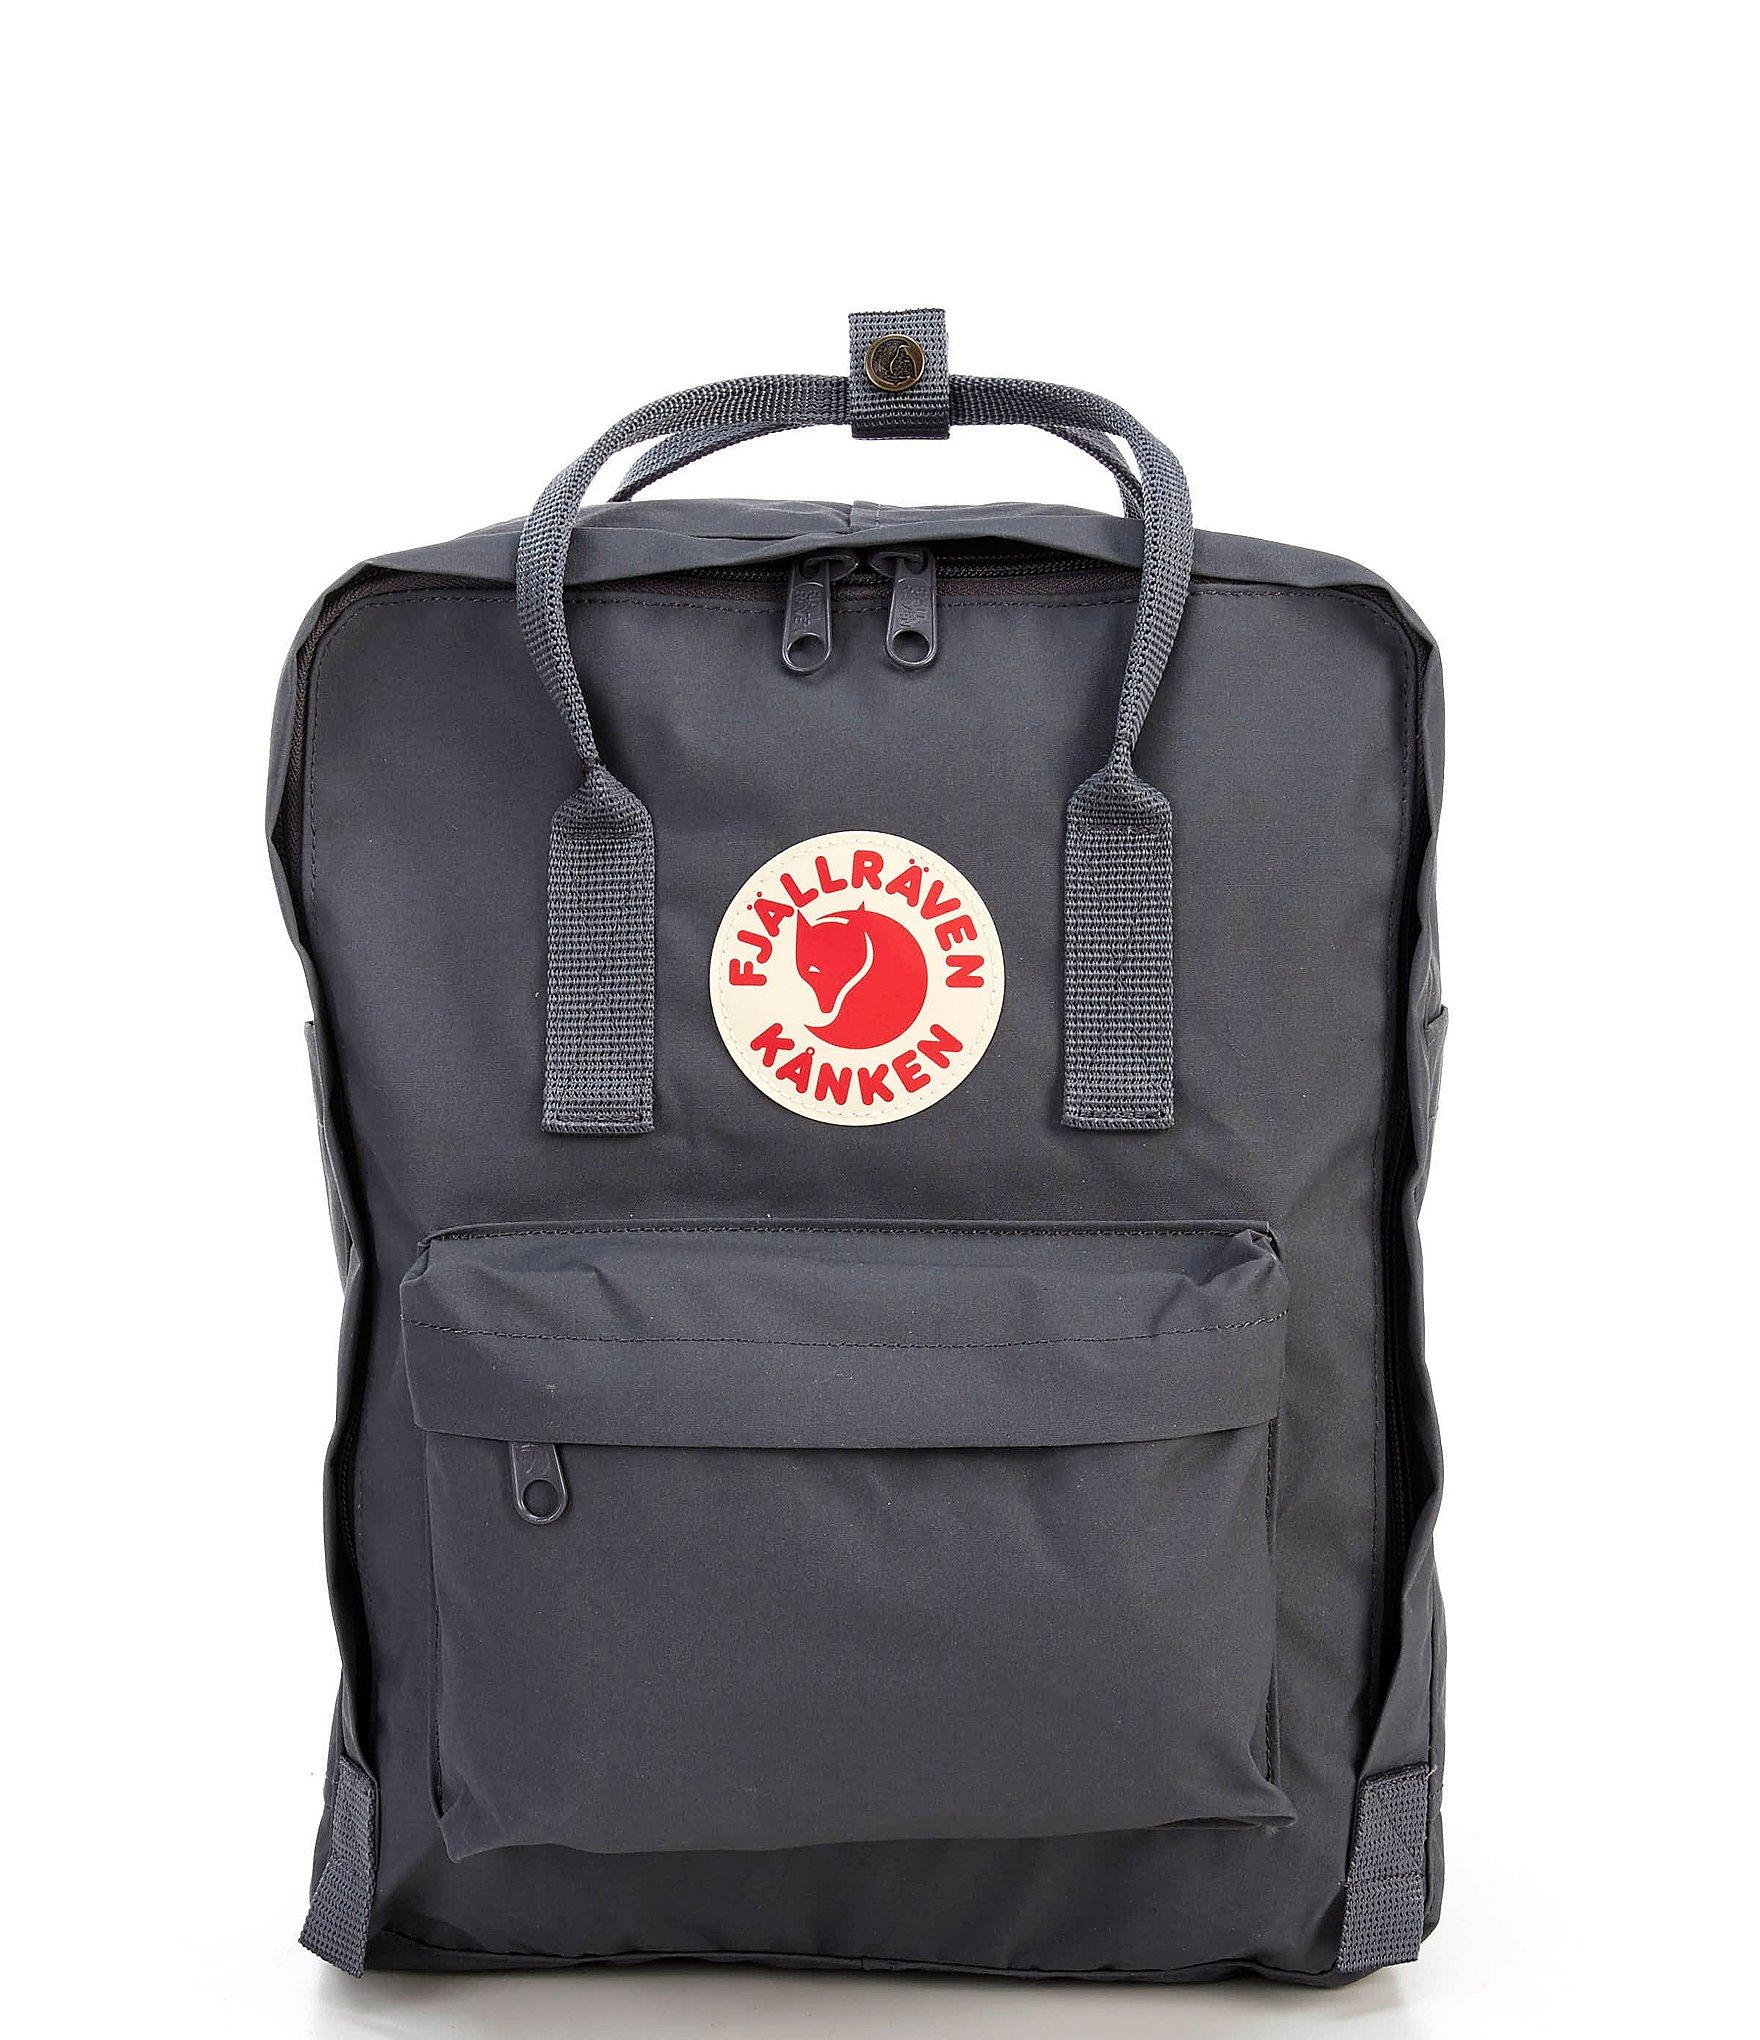 320e1d078a20 Fjallraven Kanken Water-Resistant Backpack